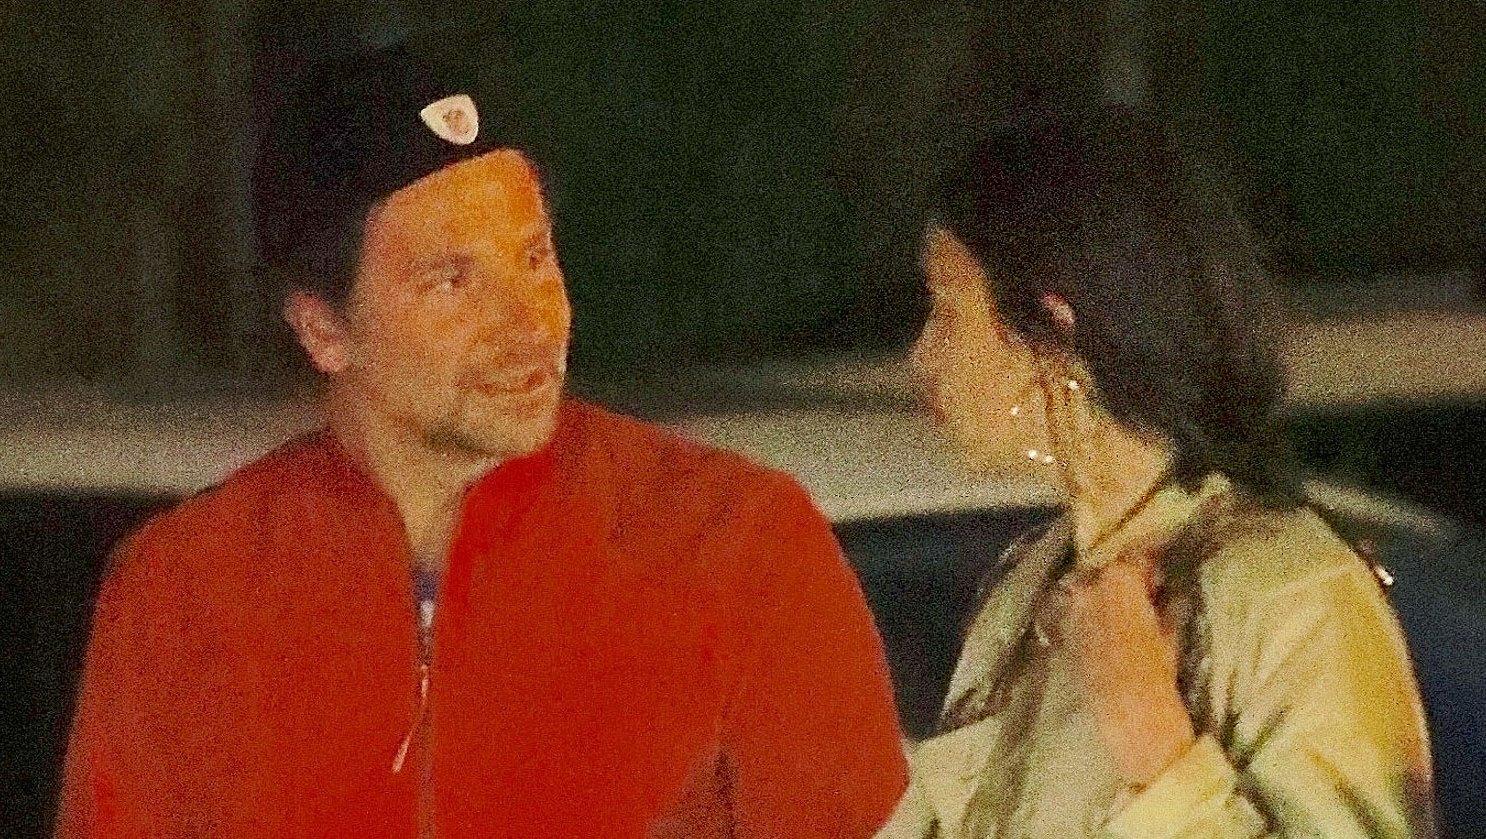 Bradley Cooper Irina Shayk Hold Hands Lady Gaga Romance Rumors